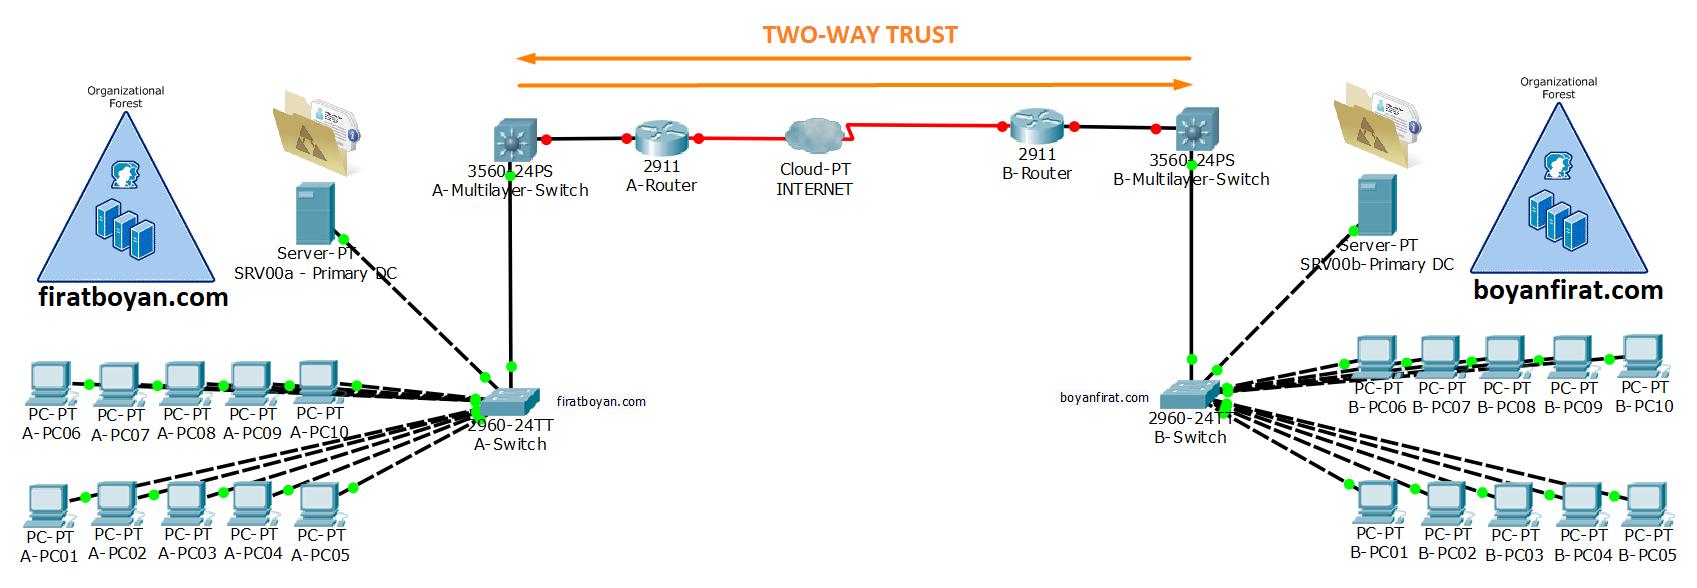 active directory domains and trust kurulumu